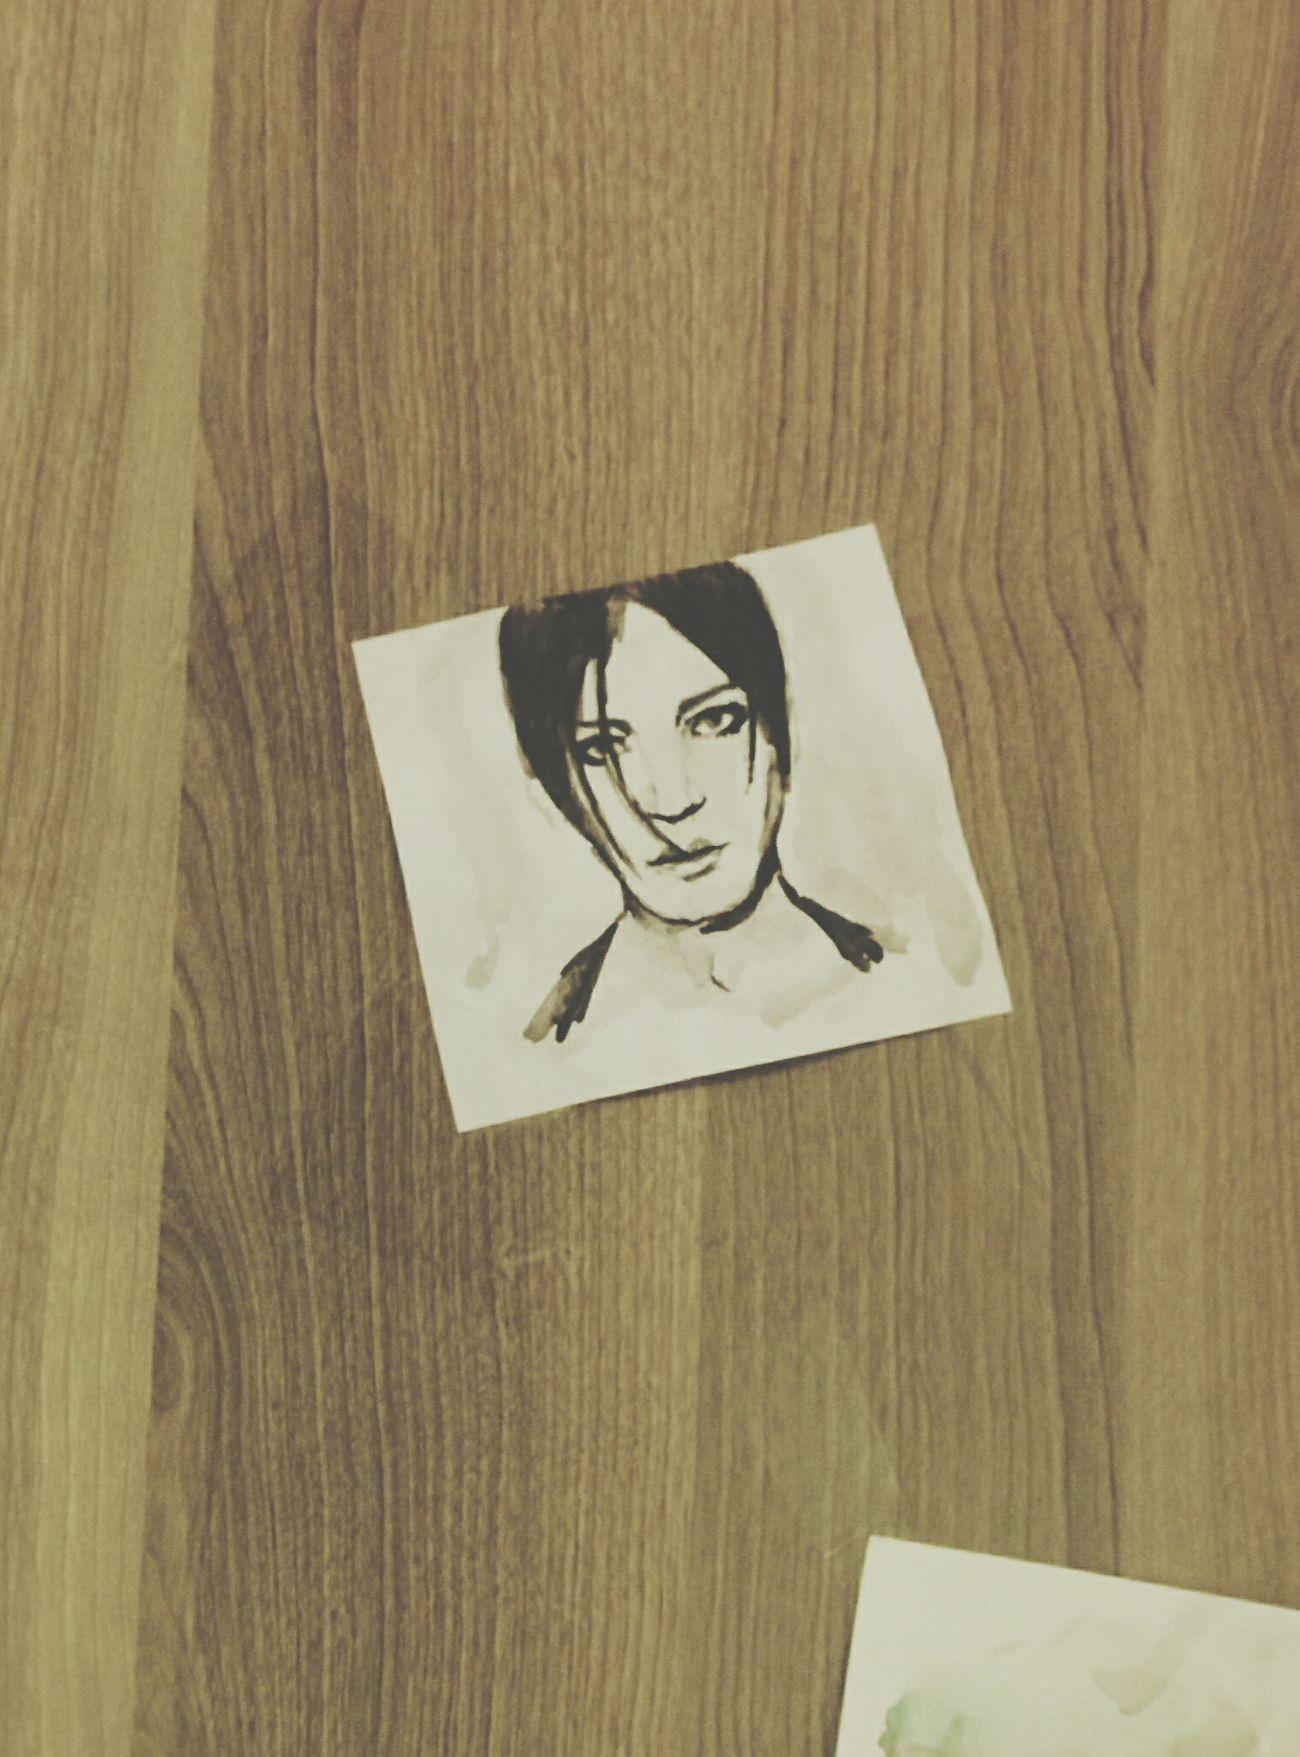 Placebo Brianmolko Brian Molko Russia Fanart Fan Art